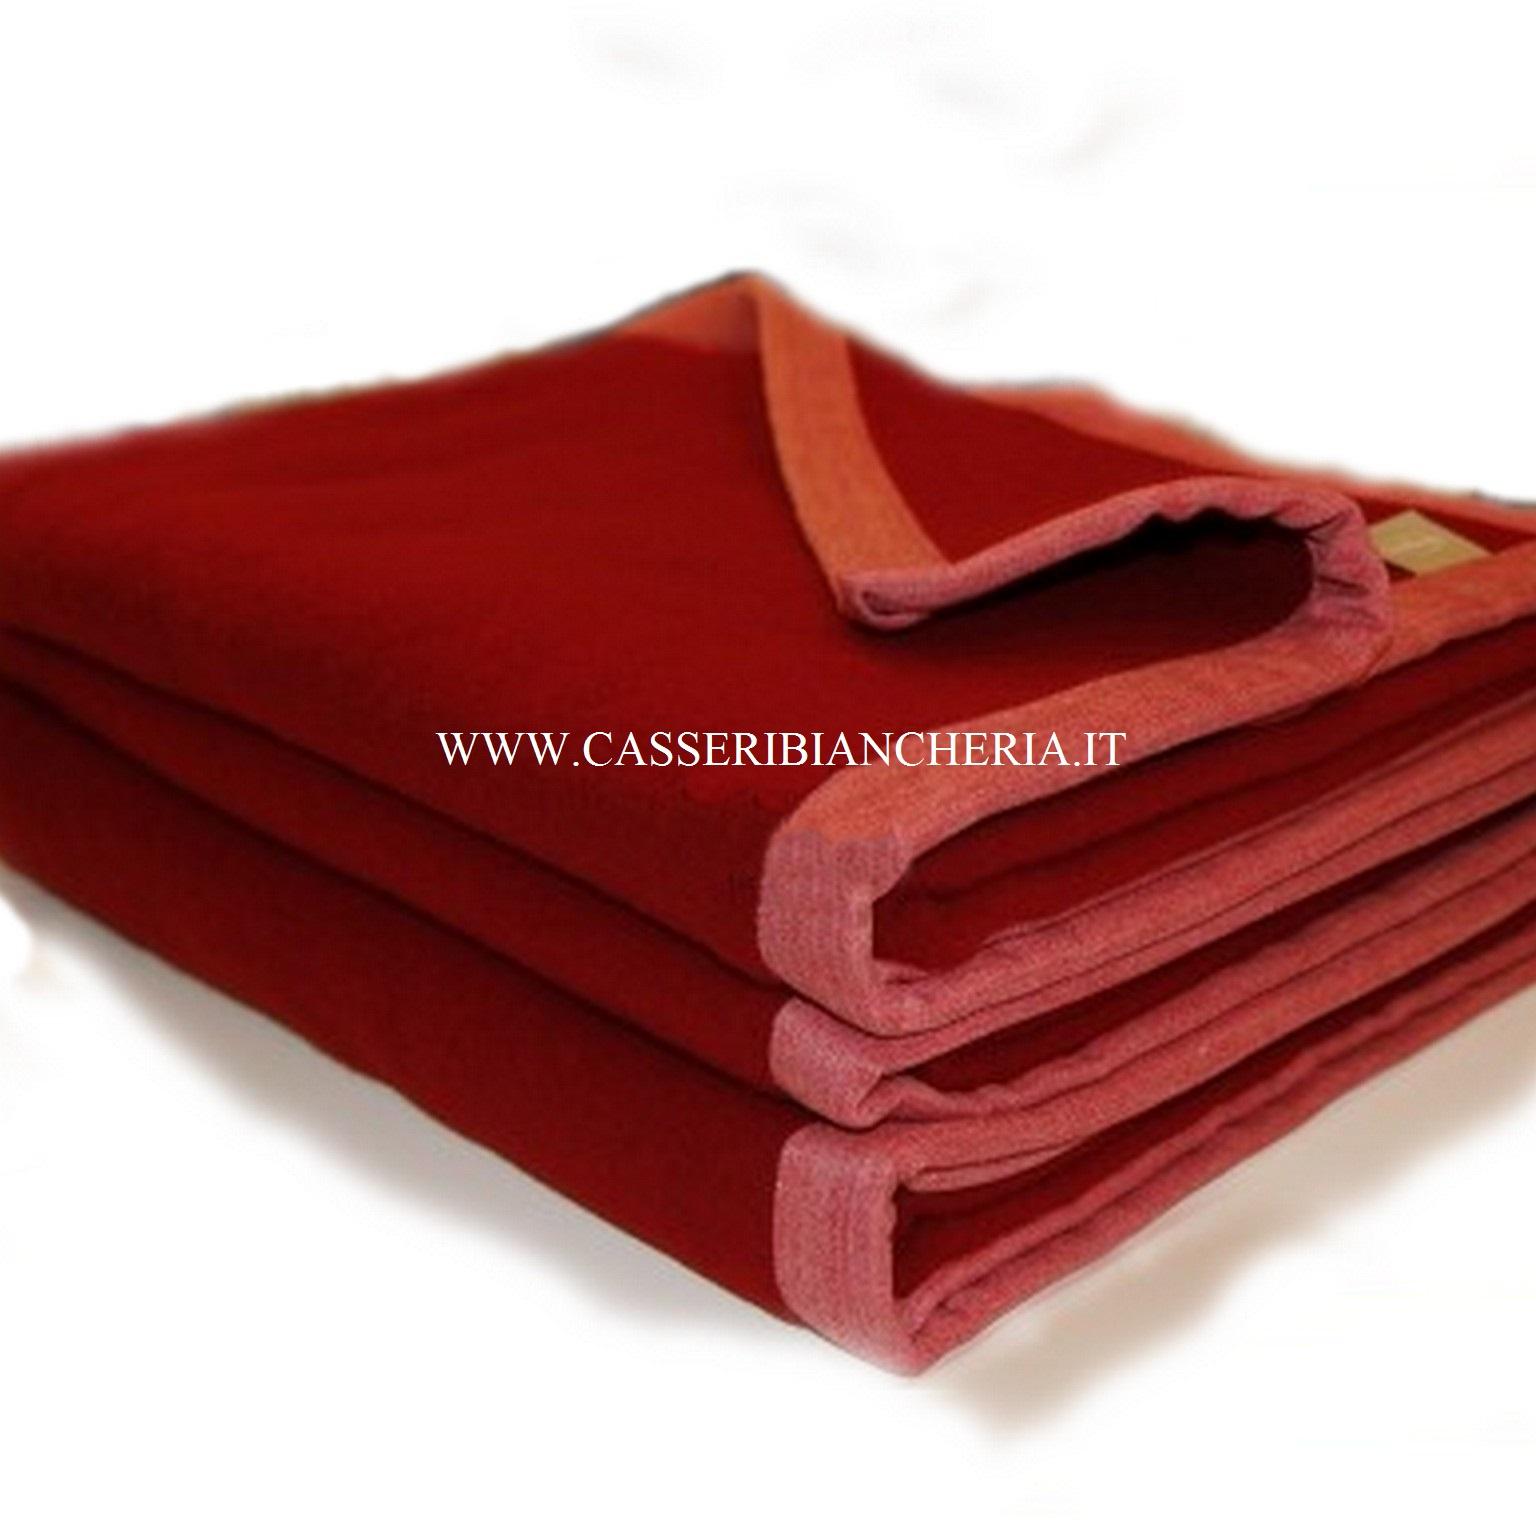 Coperta di lana matrimoniale somma origami colore beige rosso rubino casseri biancheria - Coperte per letto matrimoniale ...